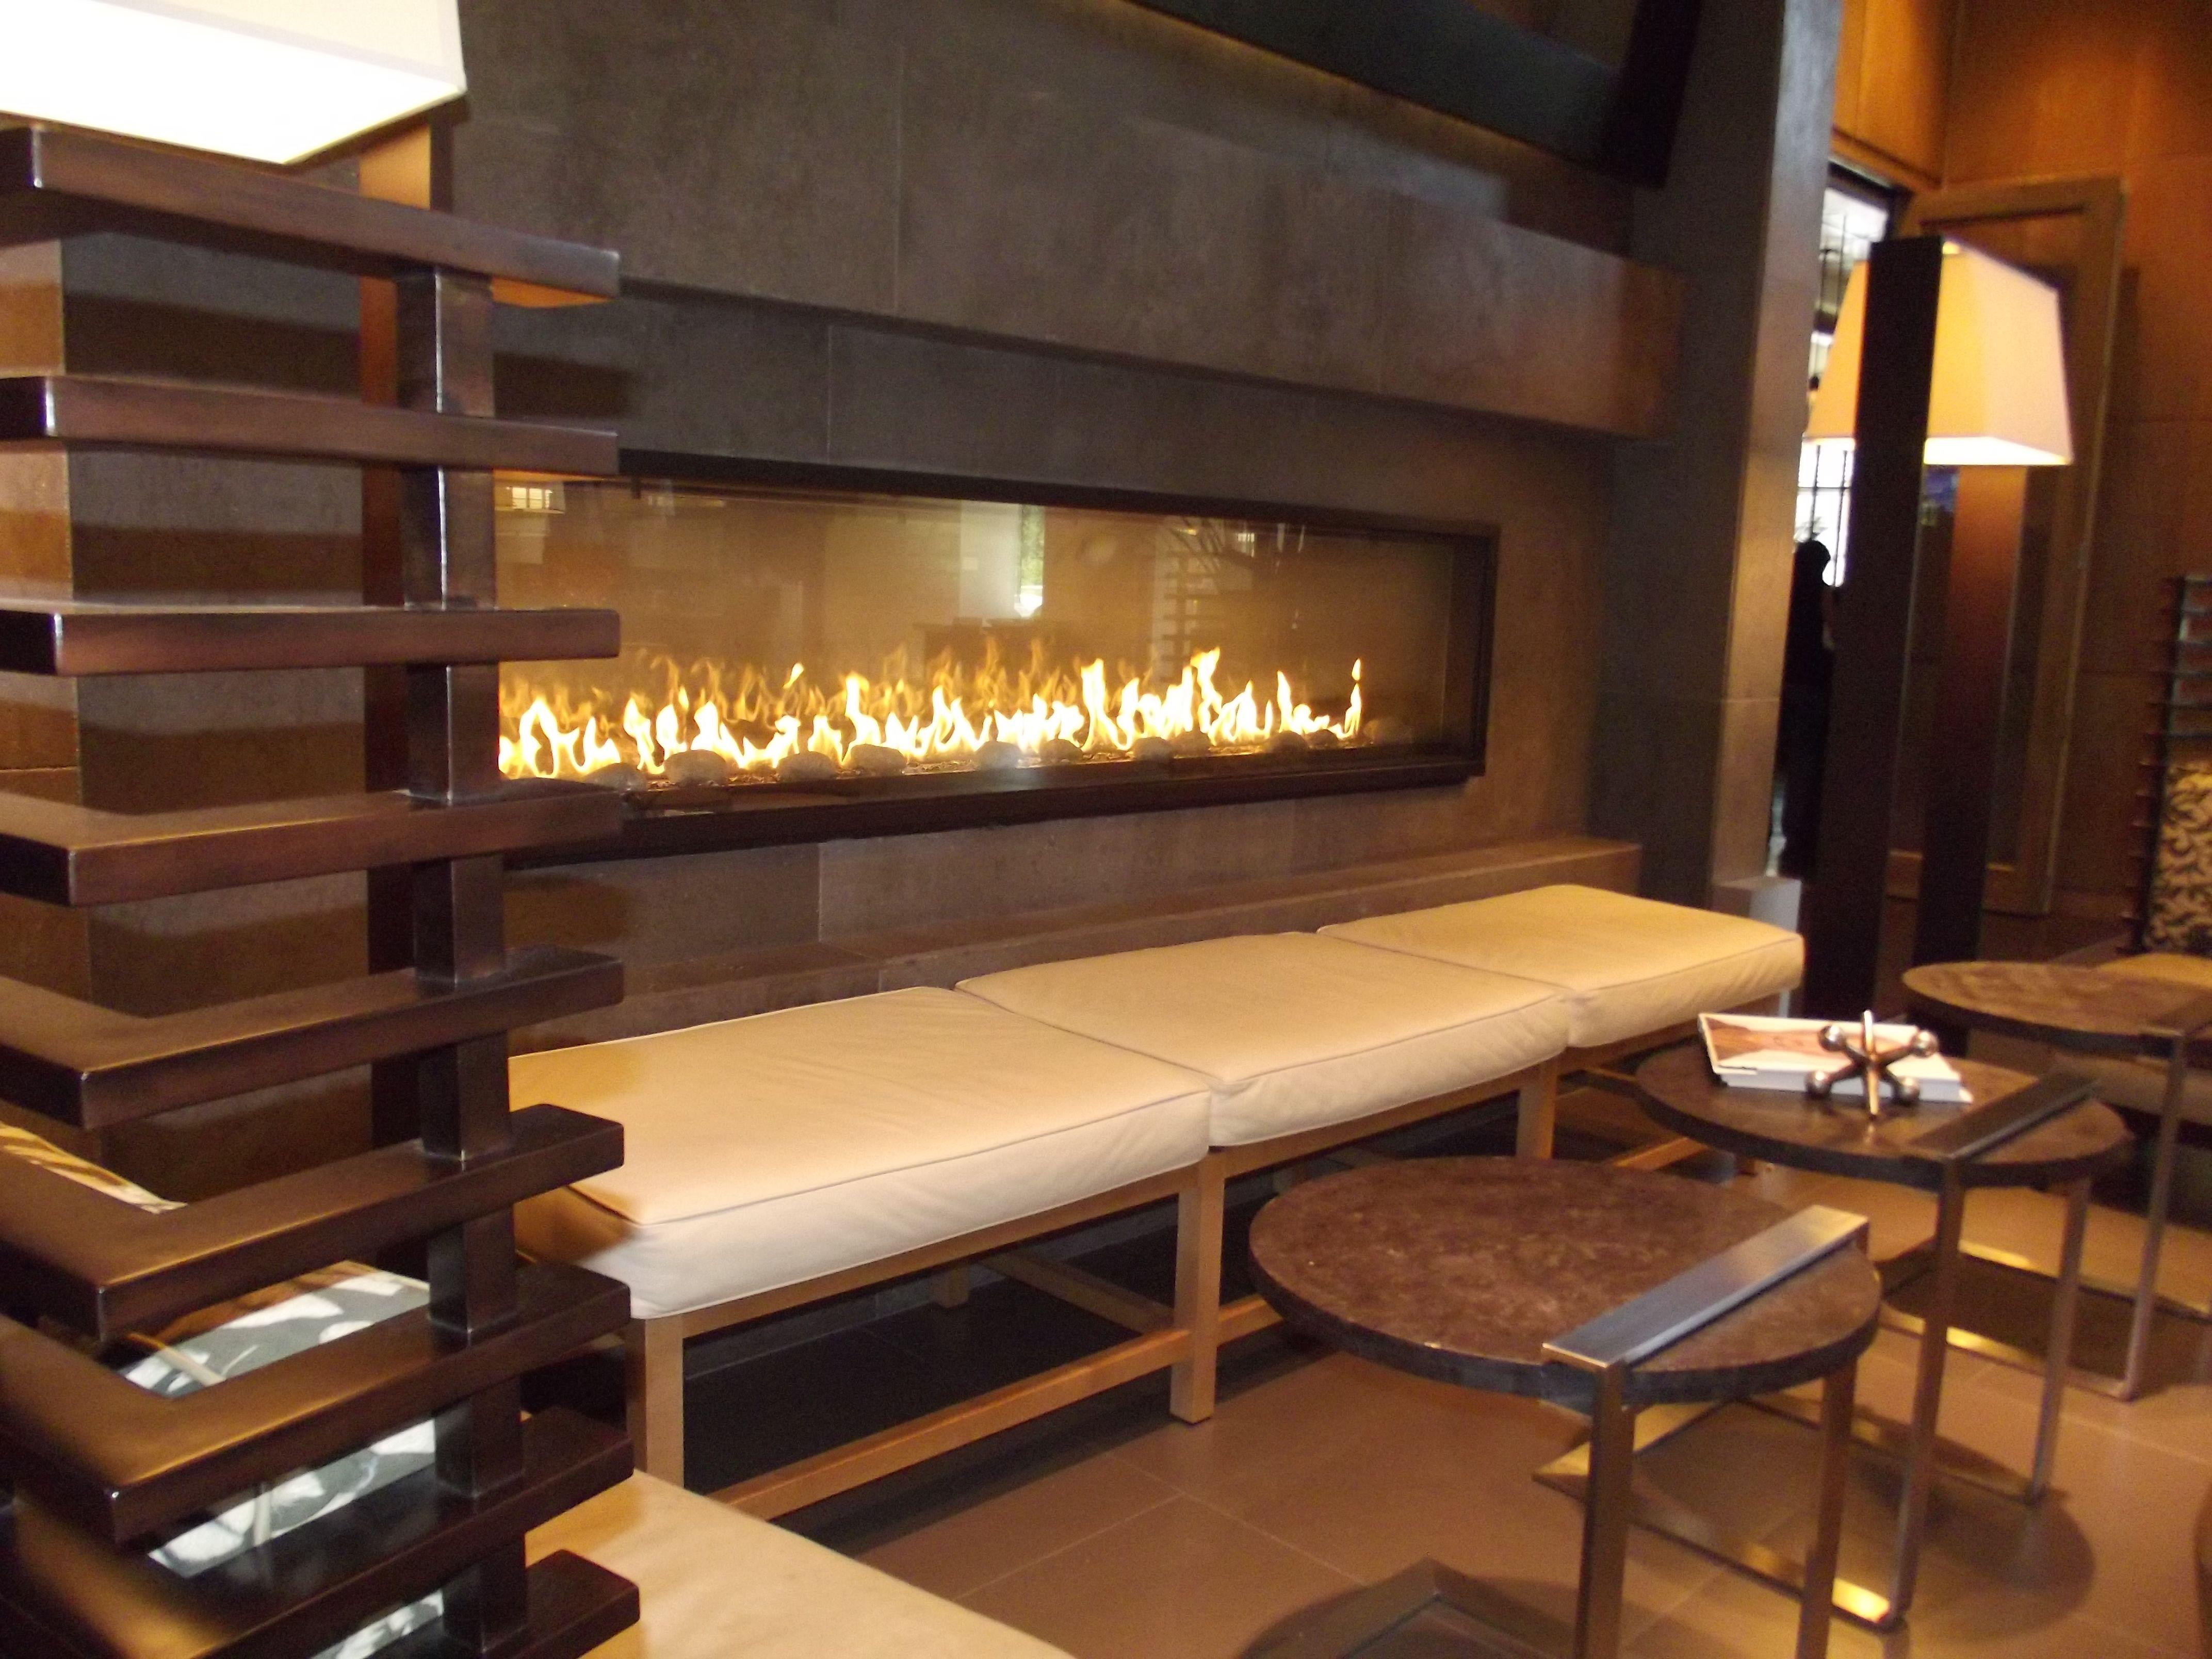 Modern Restaurant Fireplace - Google